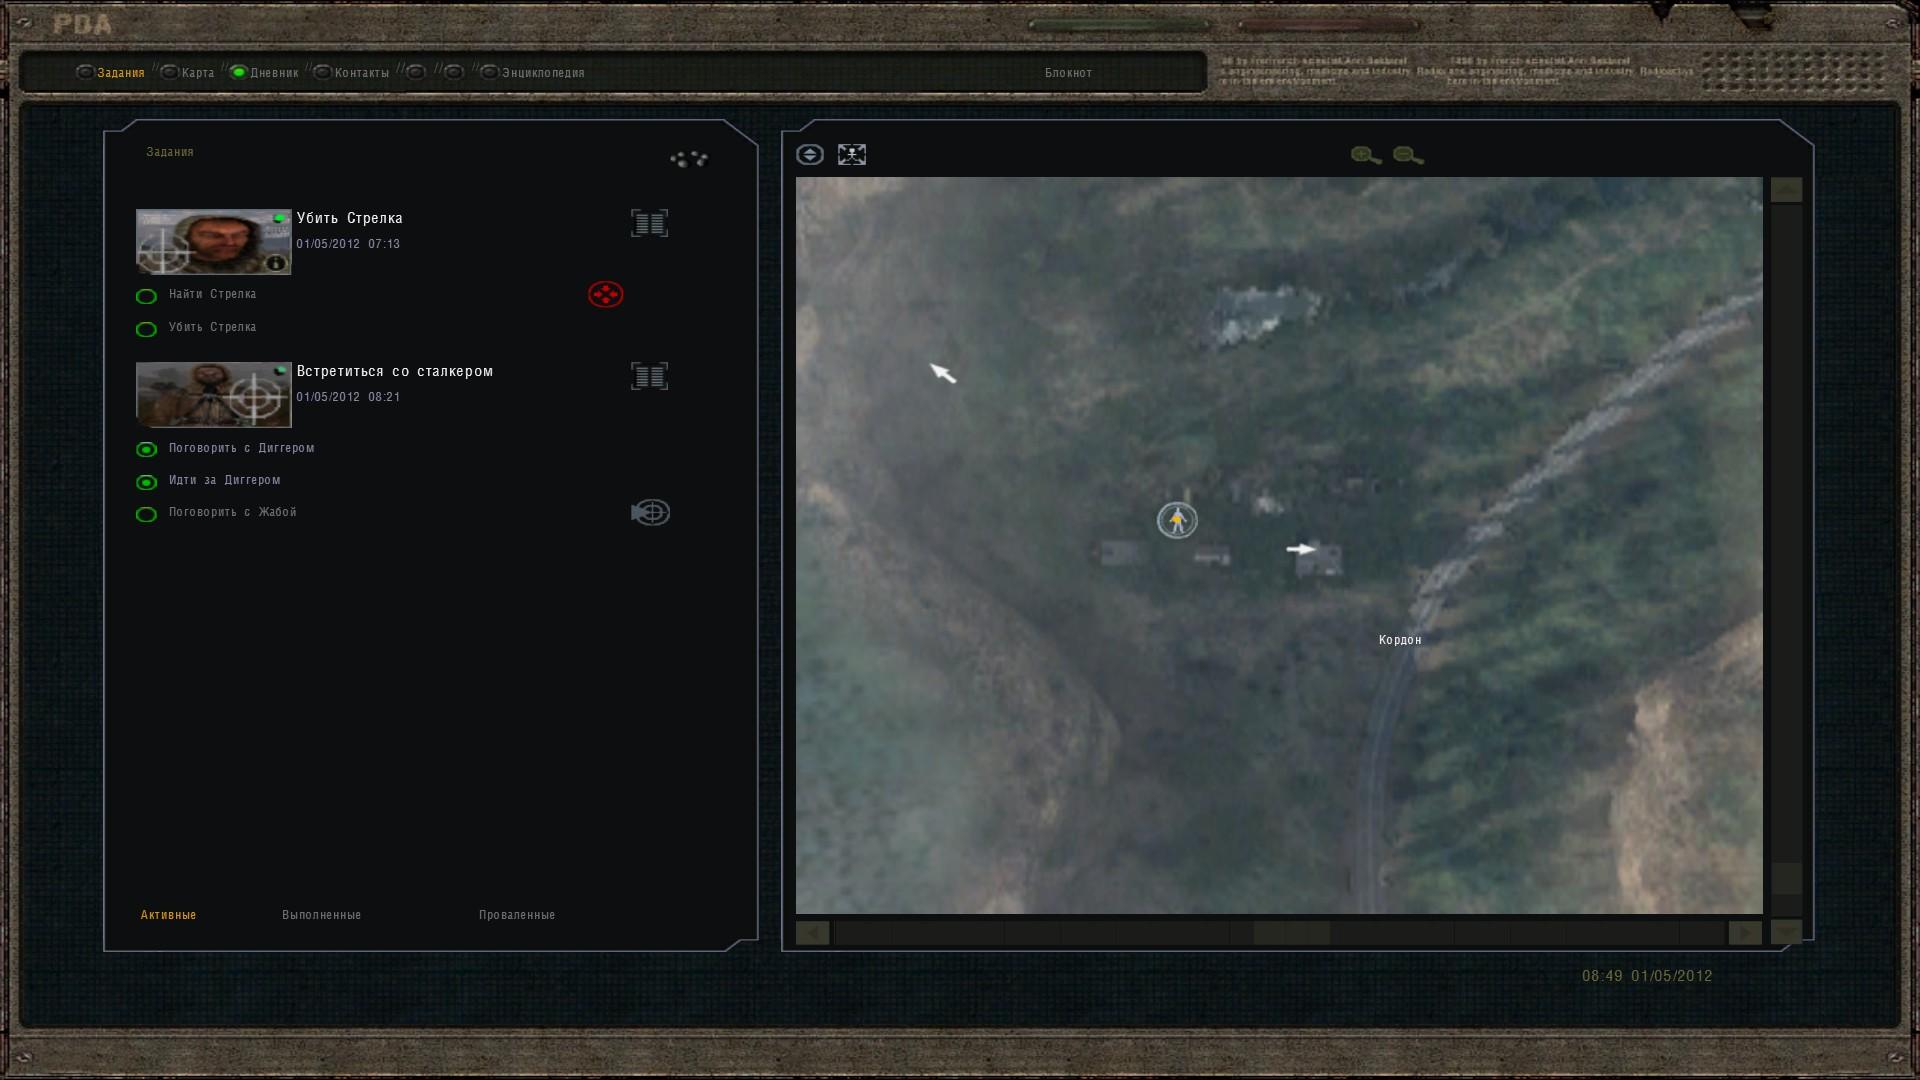 Oblivion Lost Remake 2.5 image 17